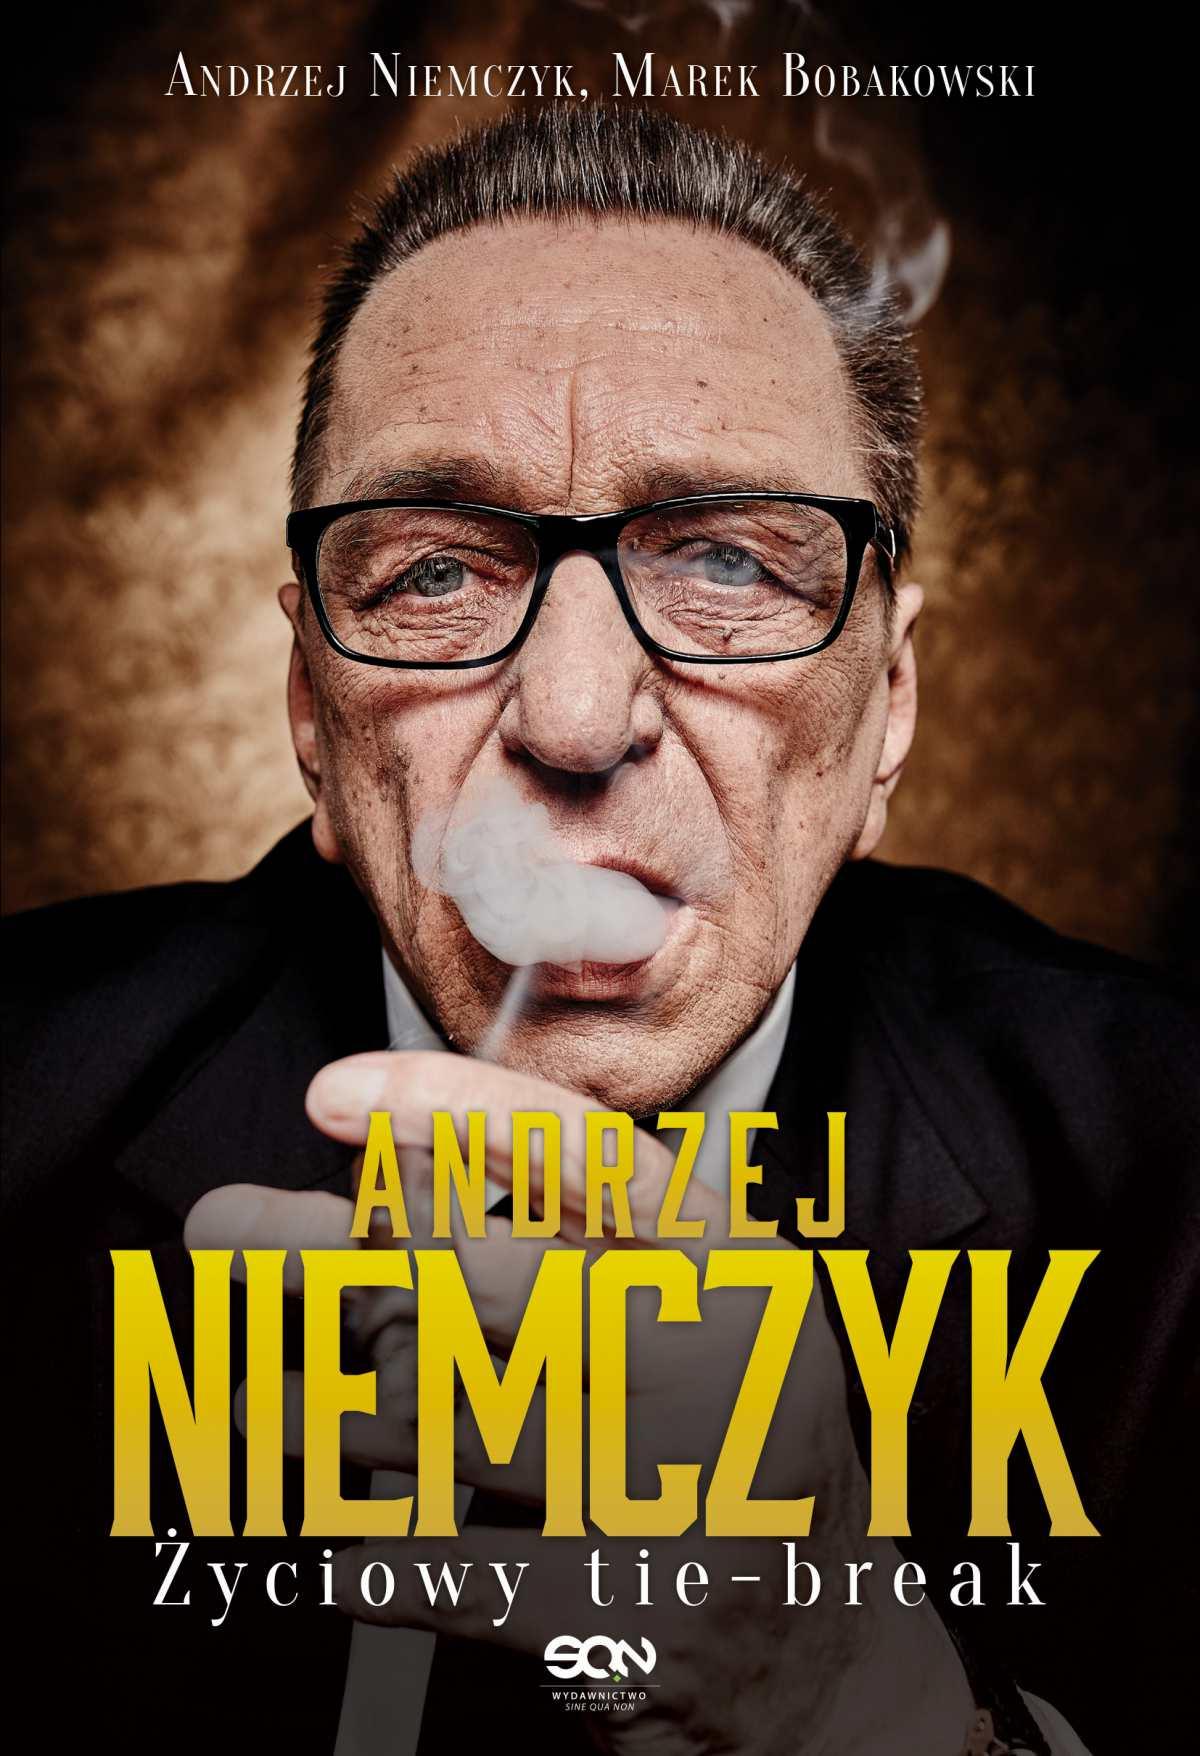 Andrzej Niemczyk. Życiowy tie-break - Ebook (Książka na Kindle) do pobrania w formacie MOBI